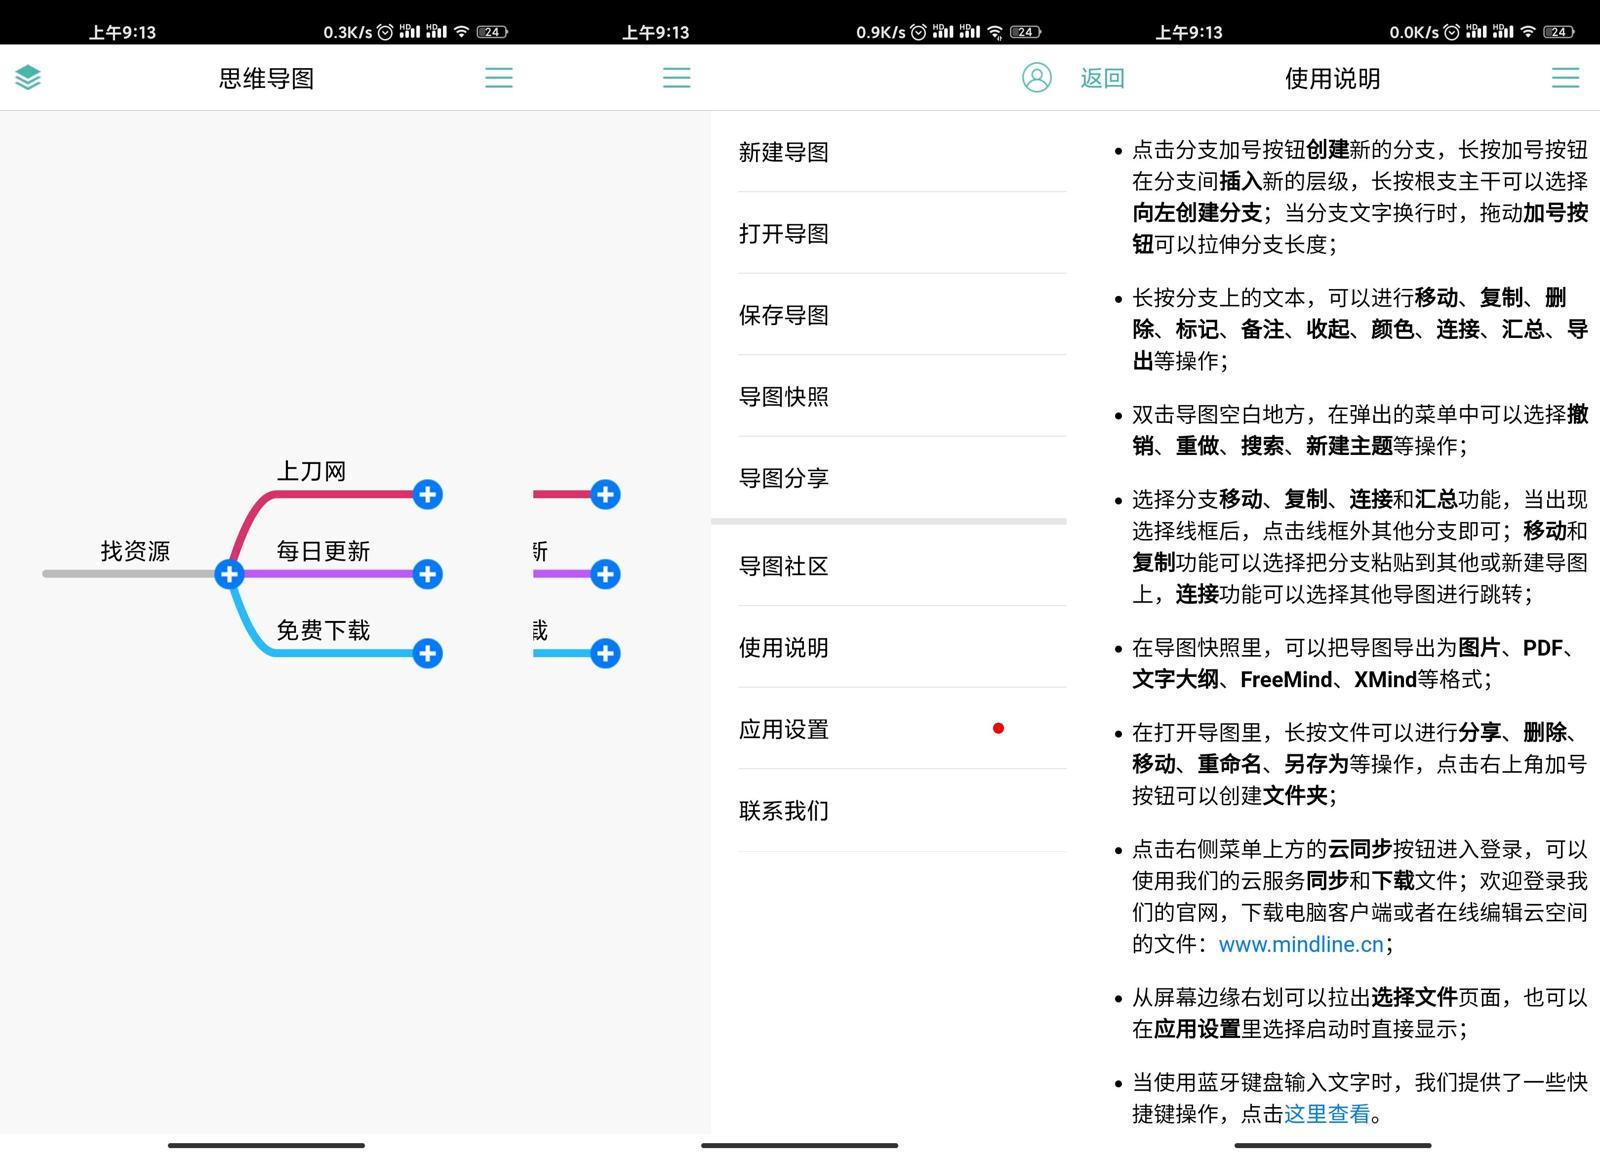 安卓思维导图v8.3.6高级版